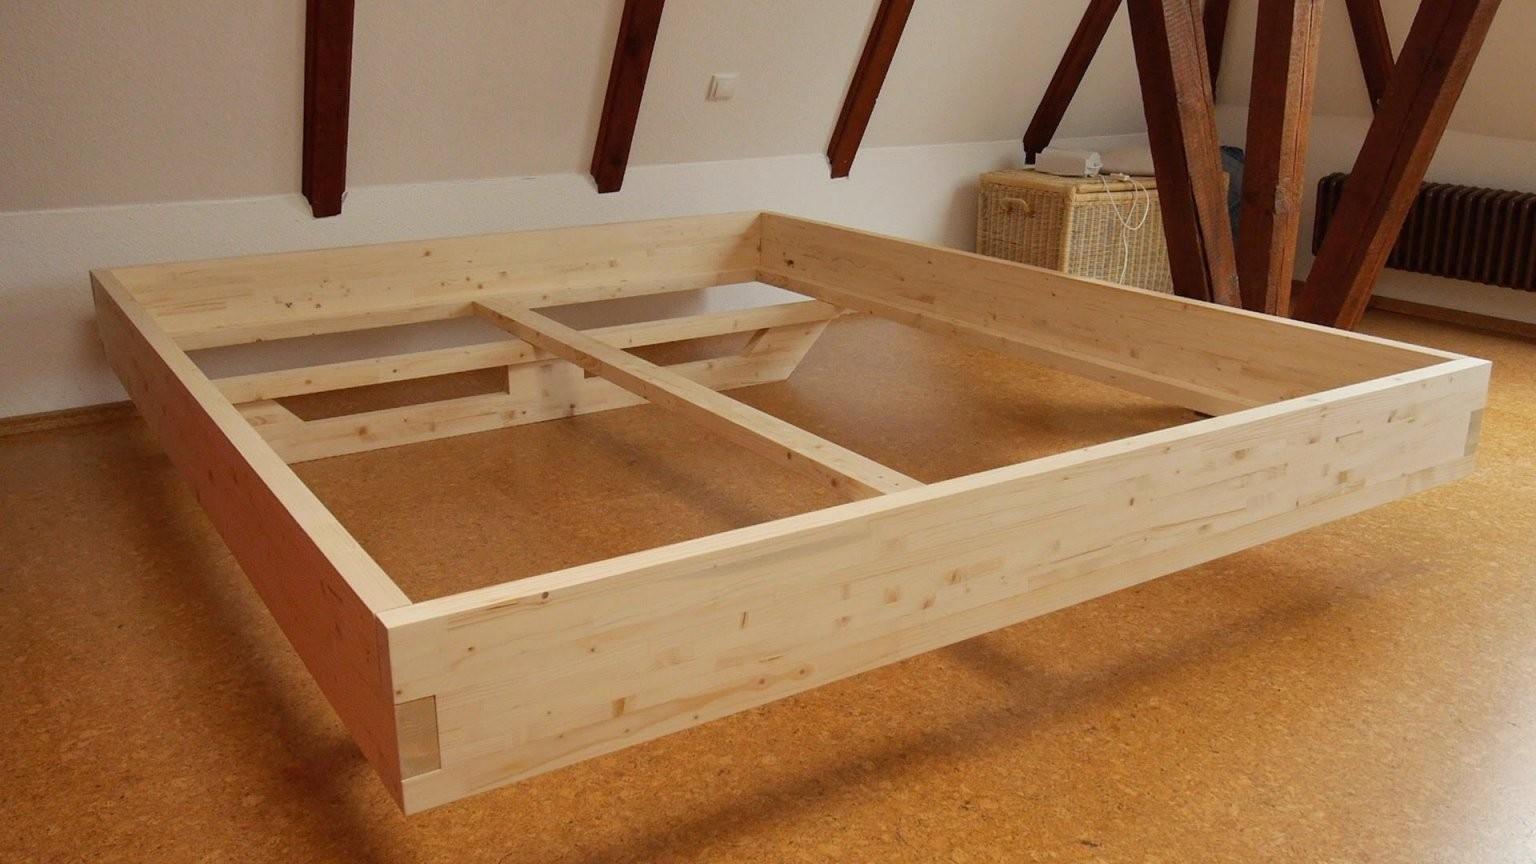 Diy Massivholzbett Selber Bauen  Bedroom Ideas In 2019  Bett von Bett Ideen Selber Machen Bild